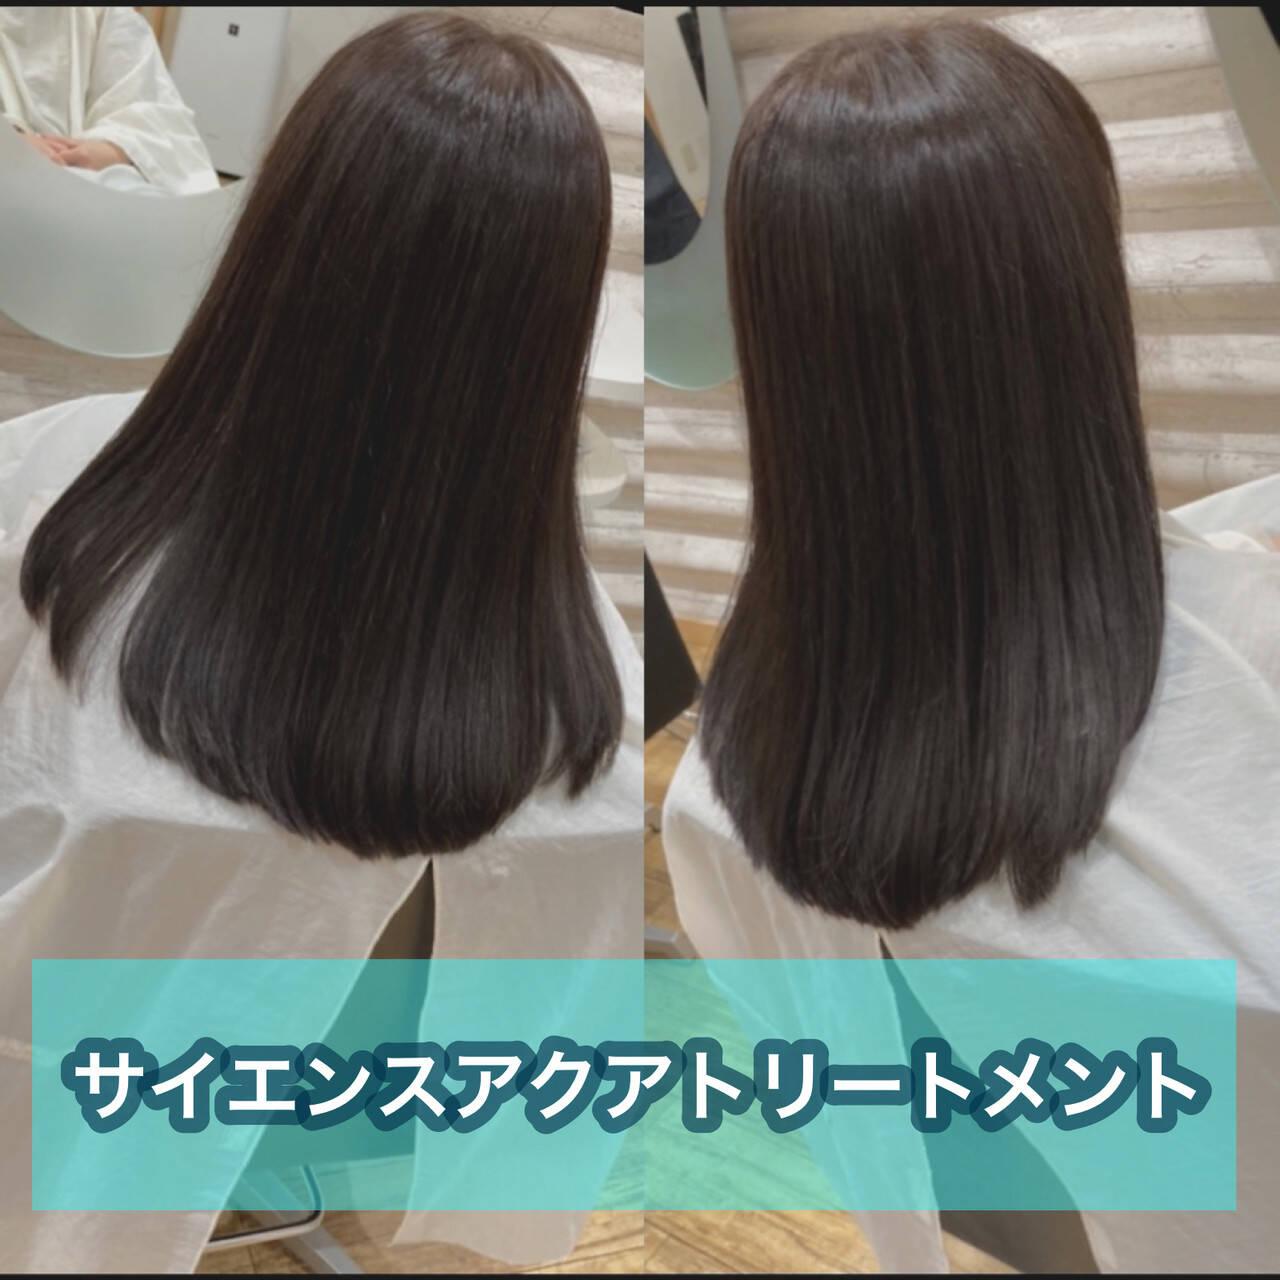 ナチュラル 髪質改善 大人ロング 髪質改善トリートメントヘアスタイルや髪型の写真・画像